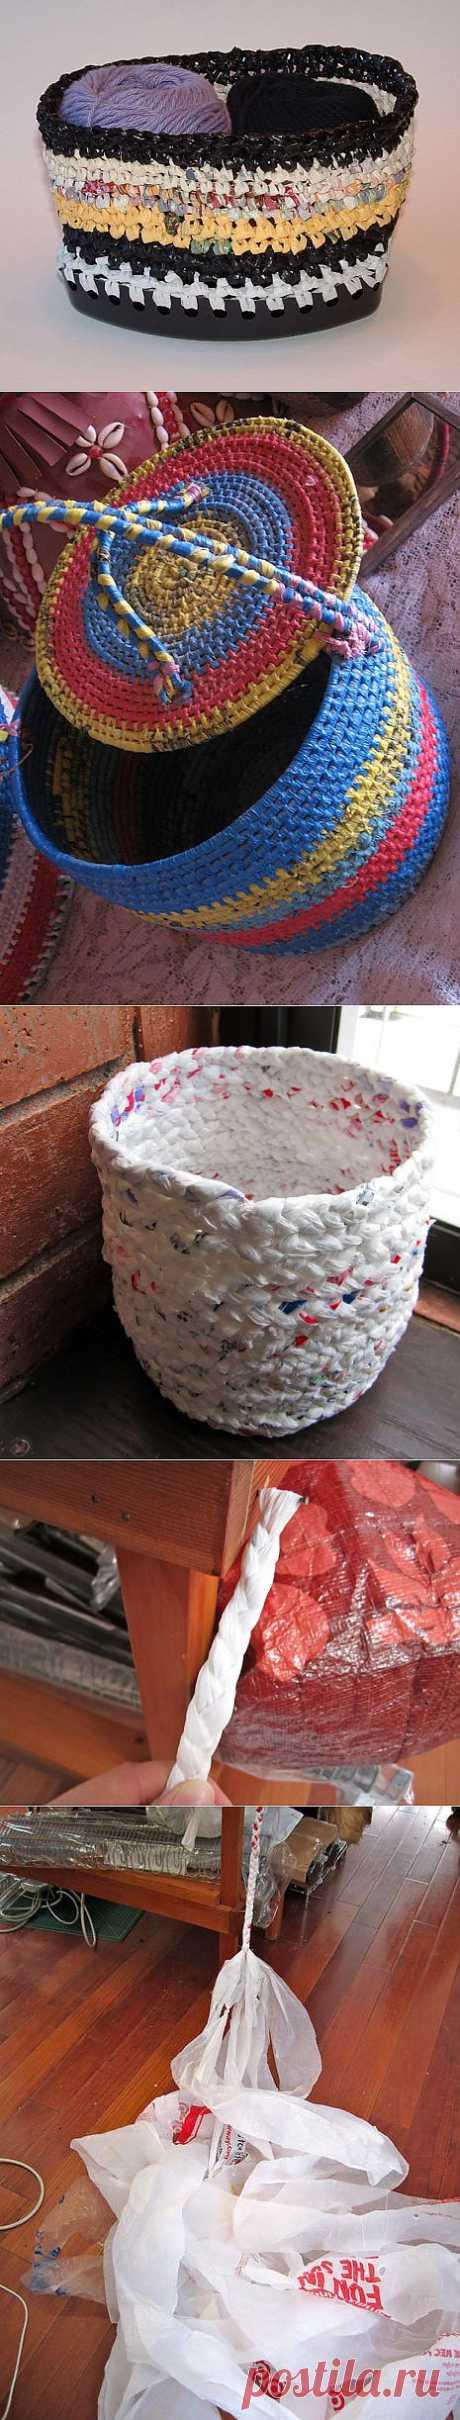 Эко-рукоделие: корзинки и блюда из пластиковых пакетов. Идеи. Мастер-классы.